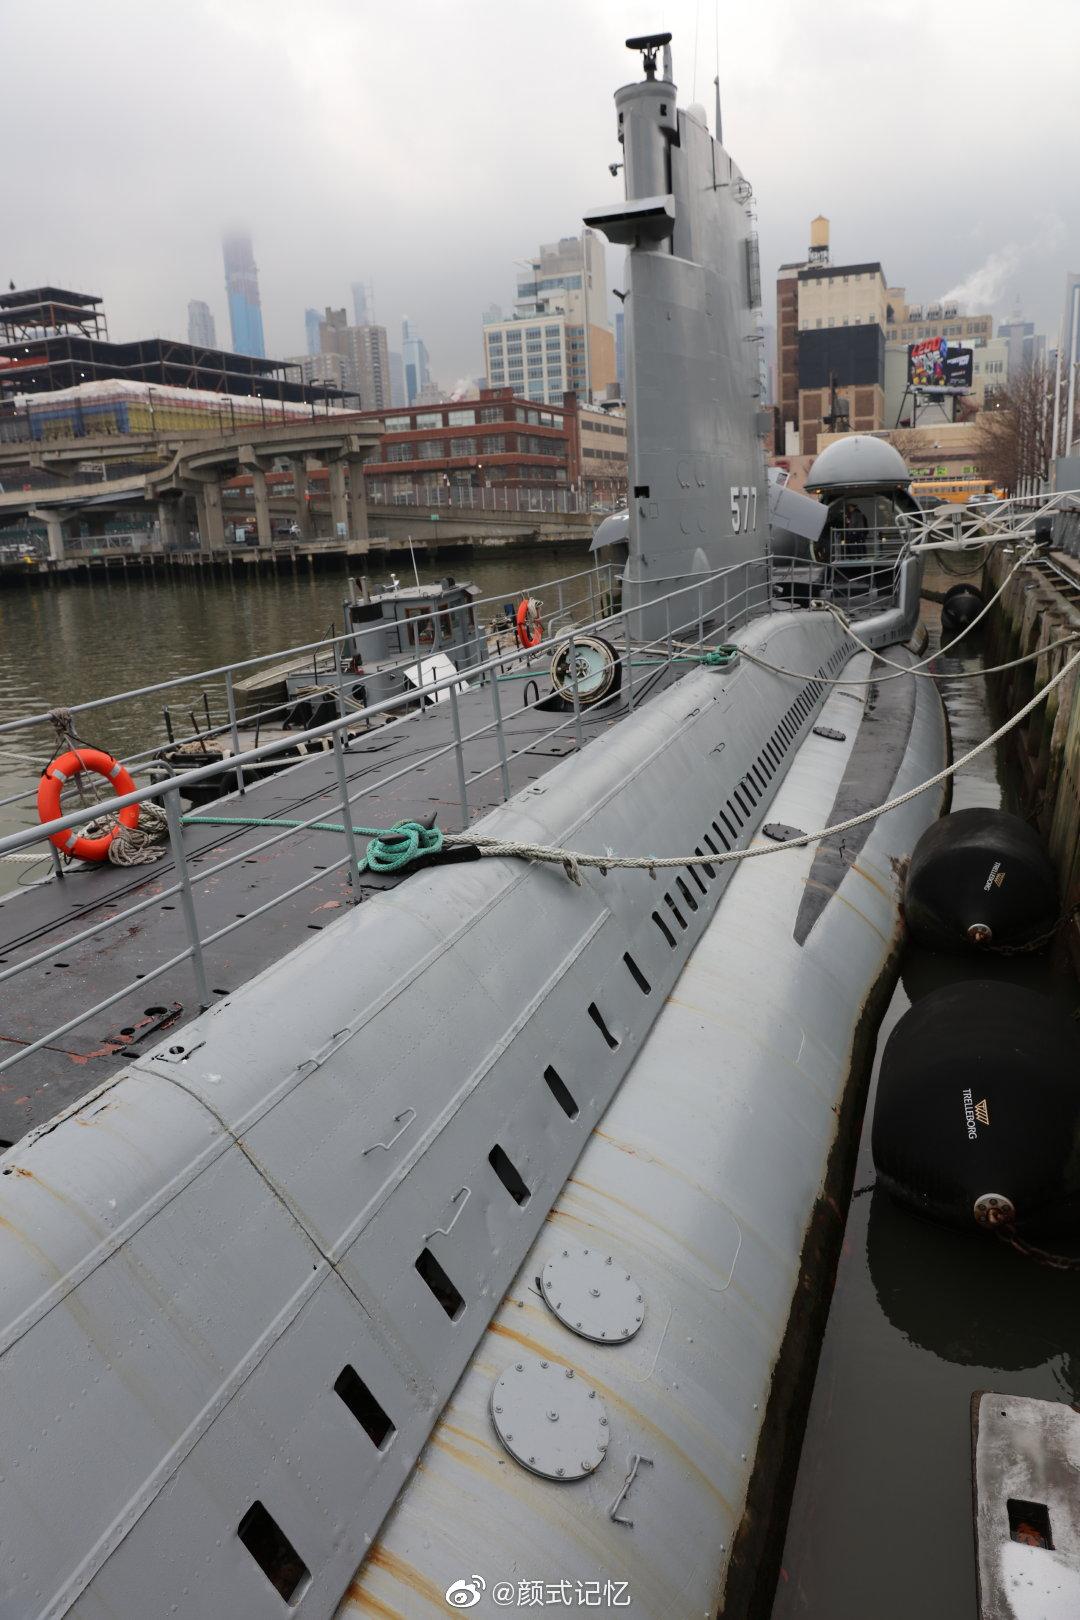 潜艇浮岸一一拍摄于美国纽约曼哈顿哈德逊河。